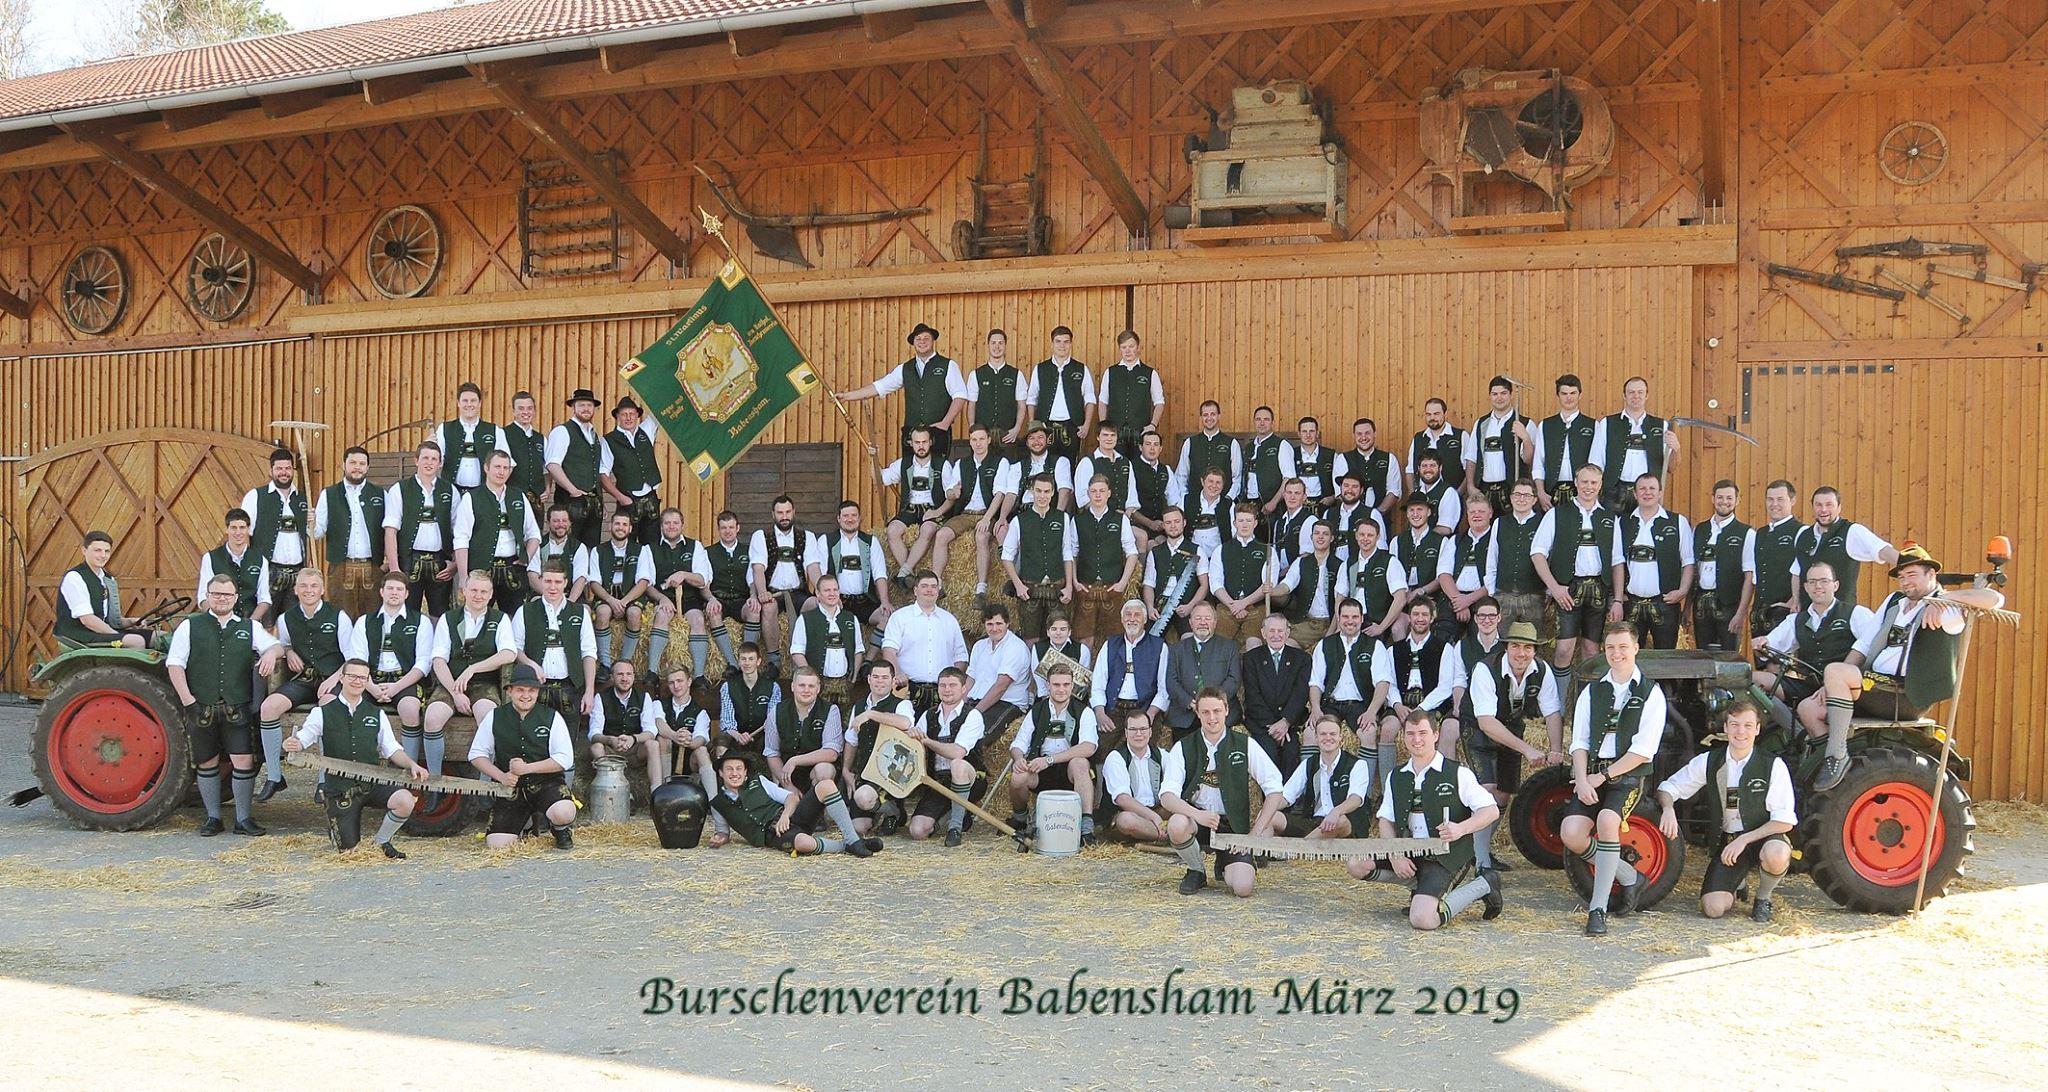 Vereinsfoto vom Burschenverein Babensham im März 2019